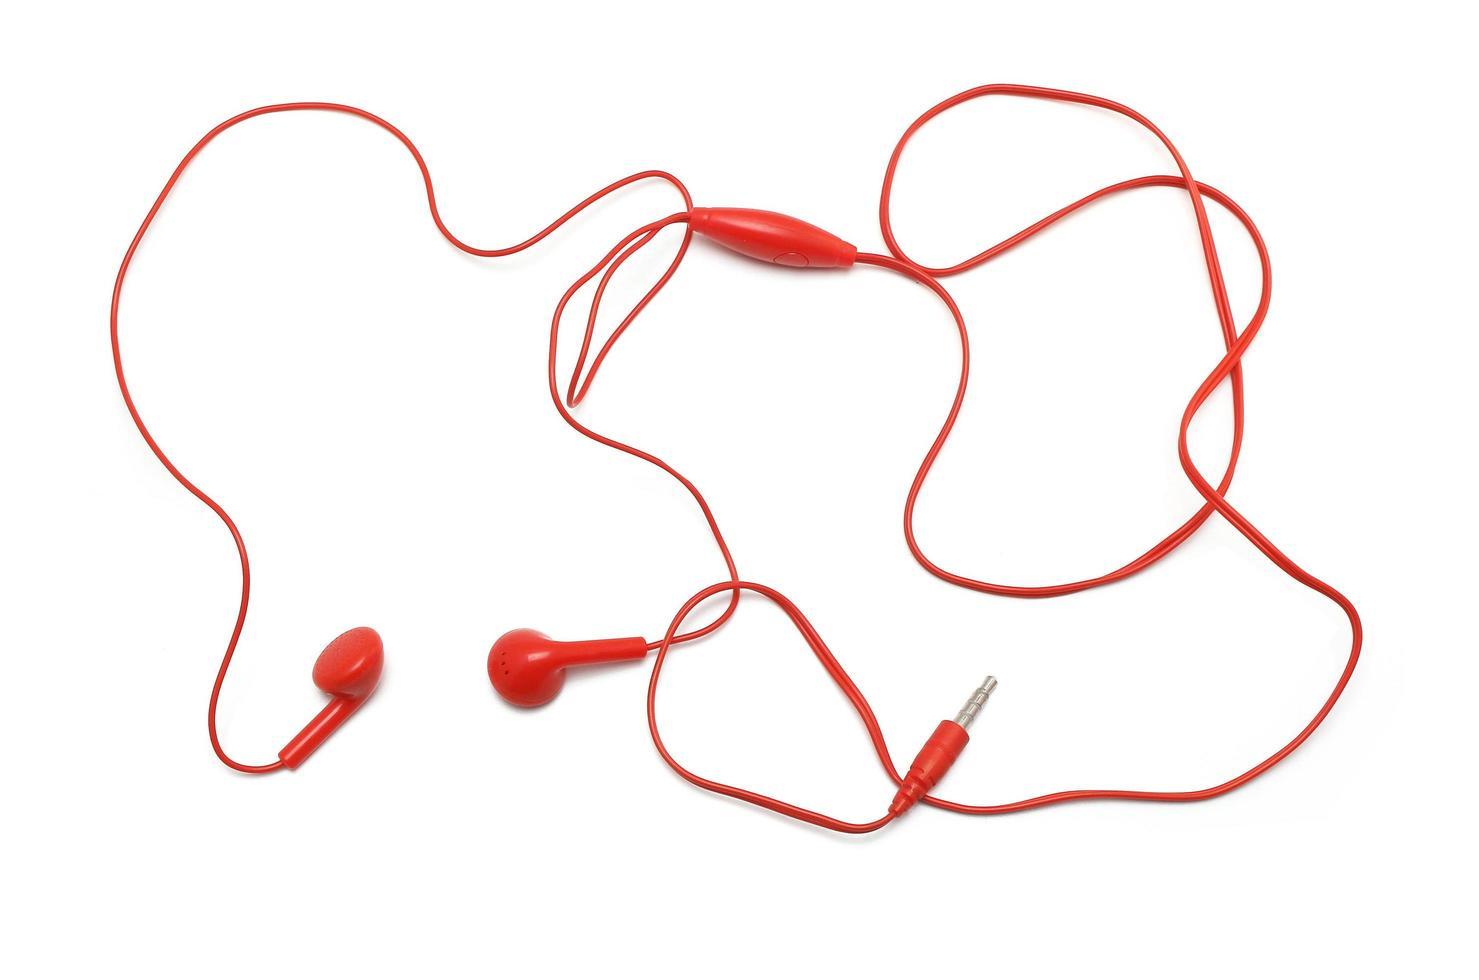 auricolari rossi su sfondo bianco foto